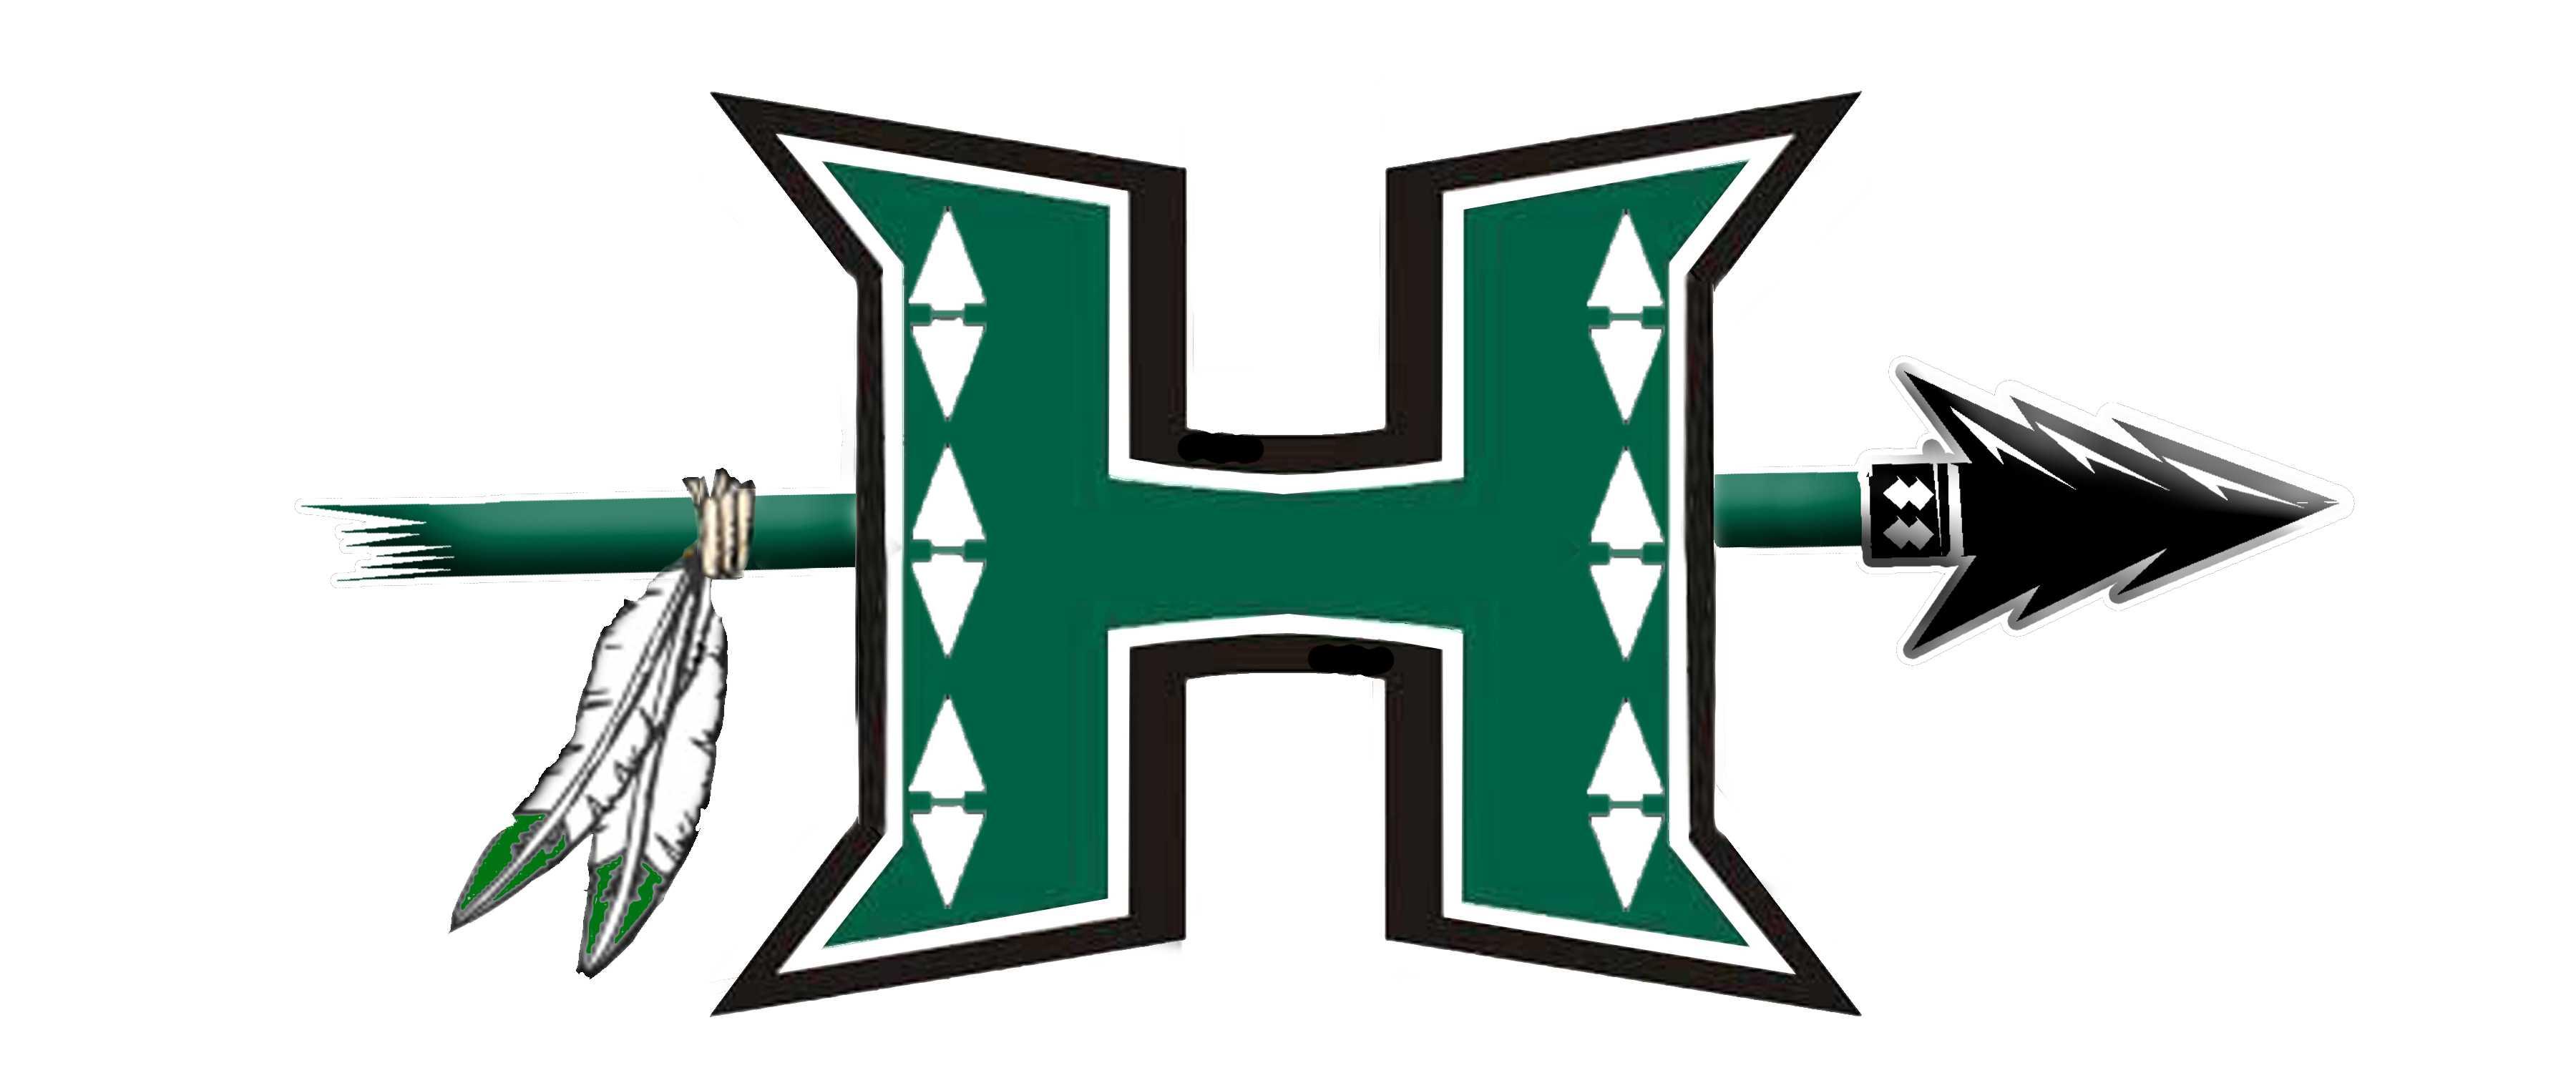 Hopatcong Chiefs Rocket League's logo